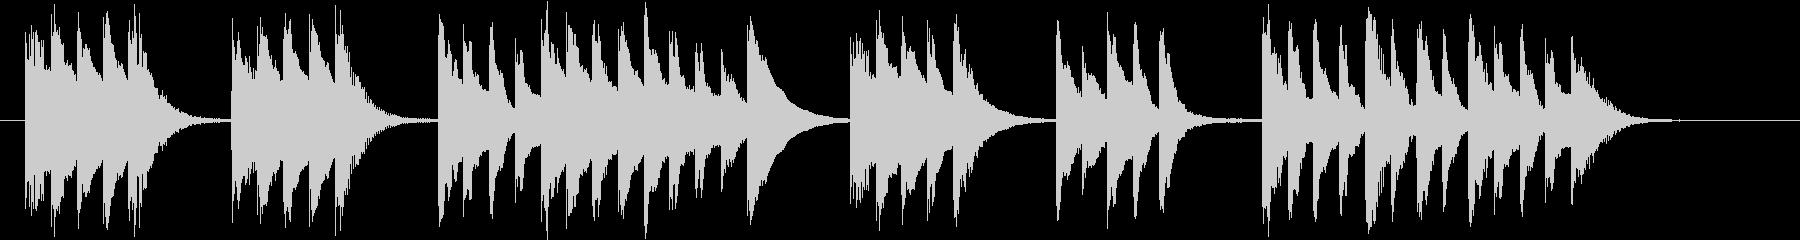 木琴がメインのほのぼのとしたジングルの未再生の波形